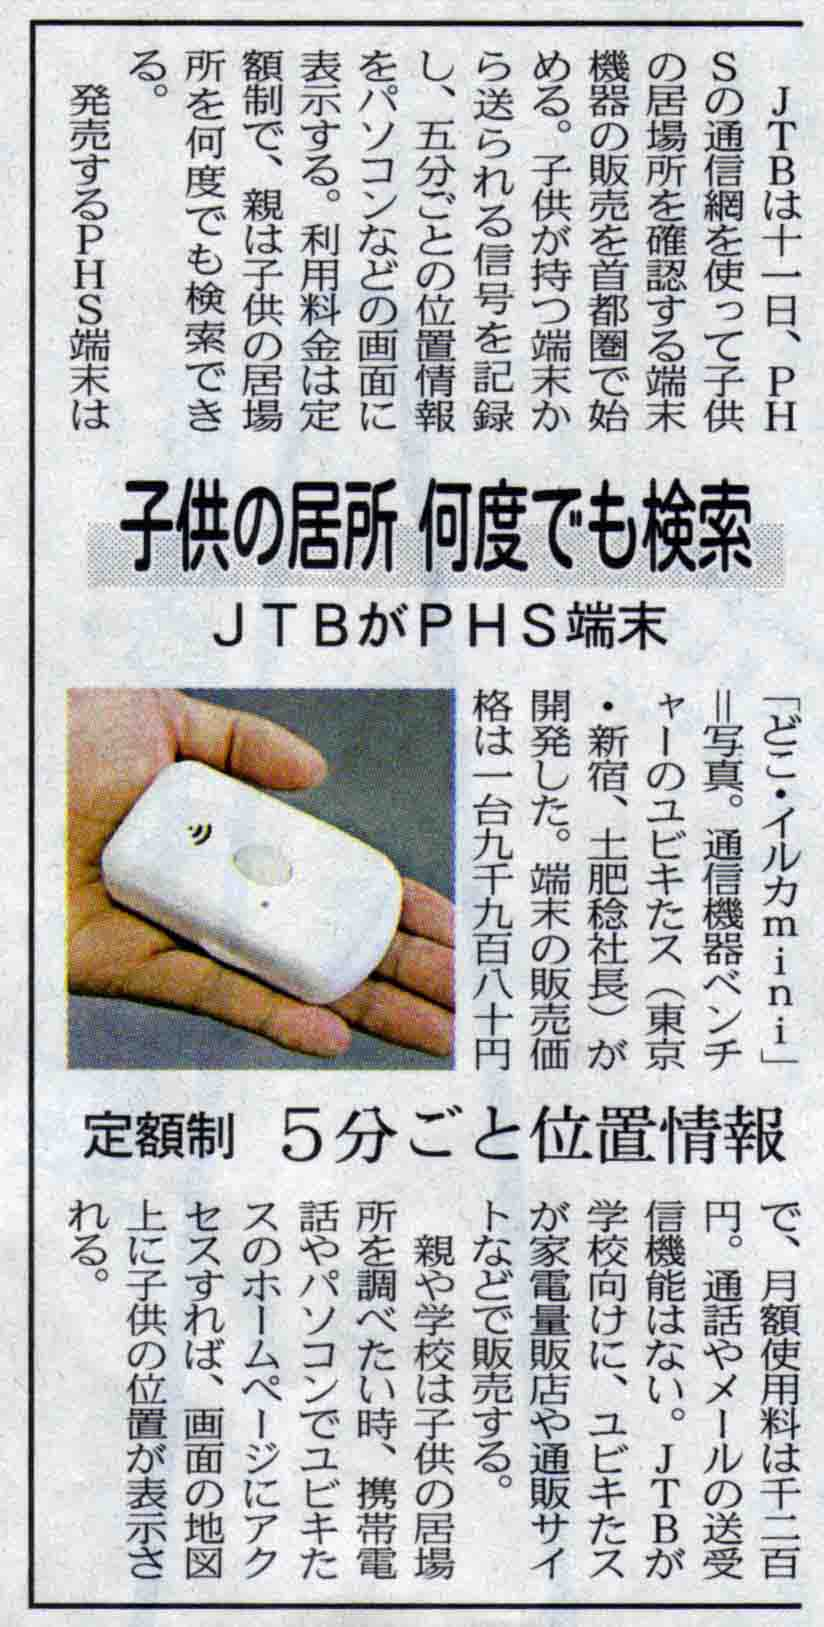 日本経済新聞にて紹介されました。